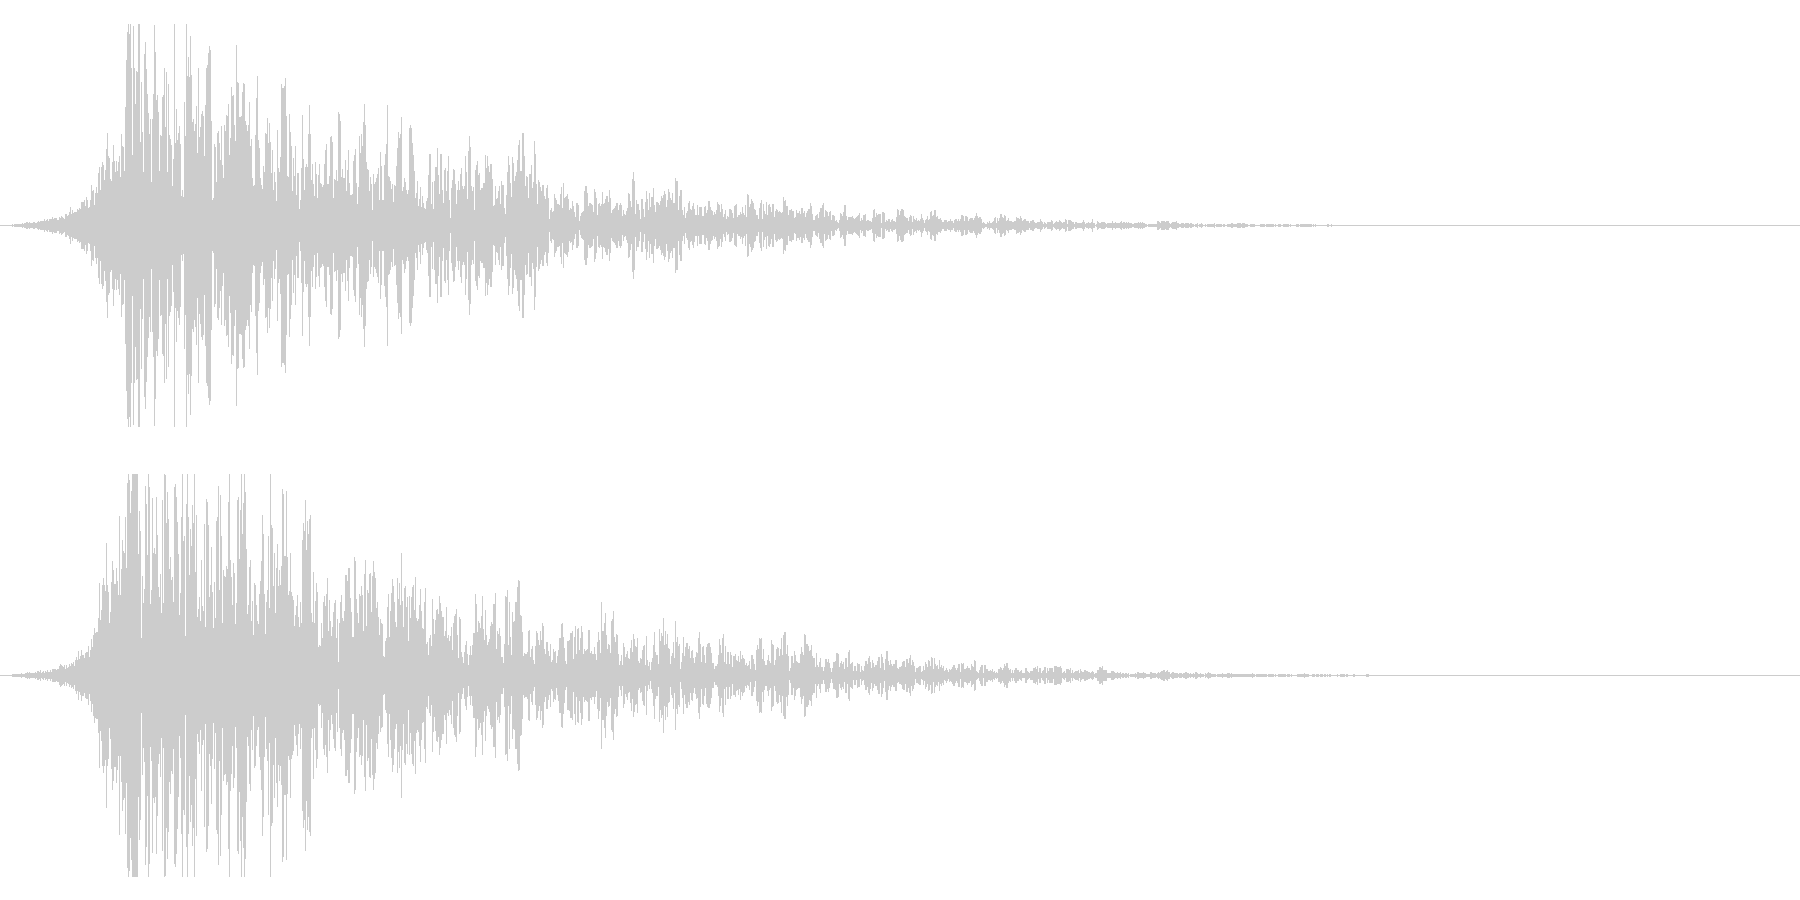 シュードーン-24-2(インパクト音)の未再生の波形